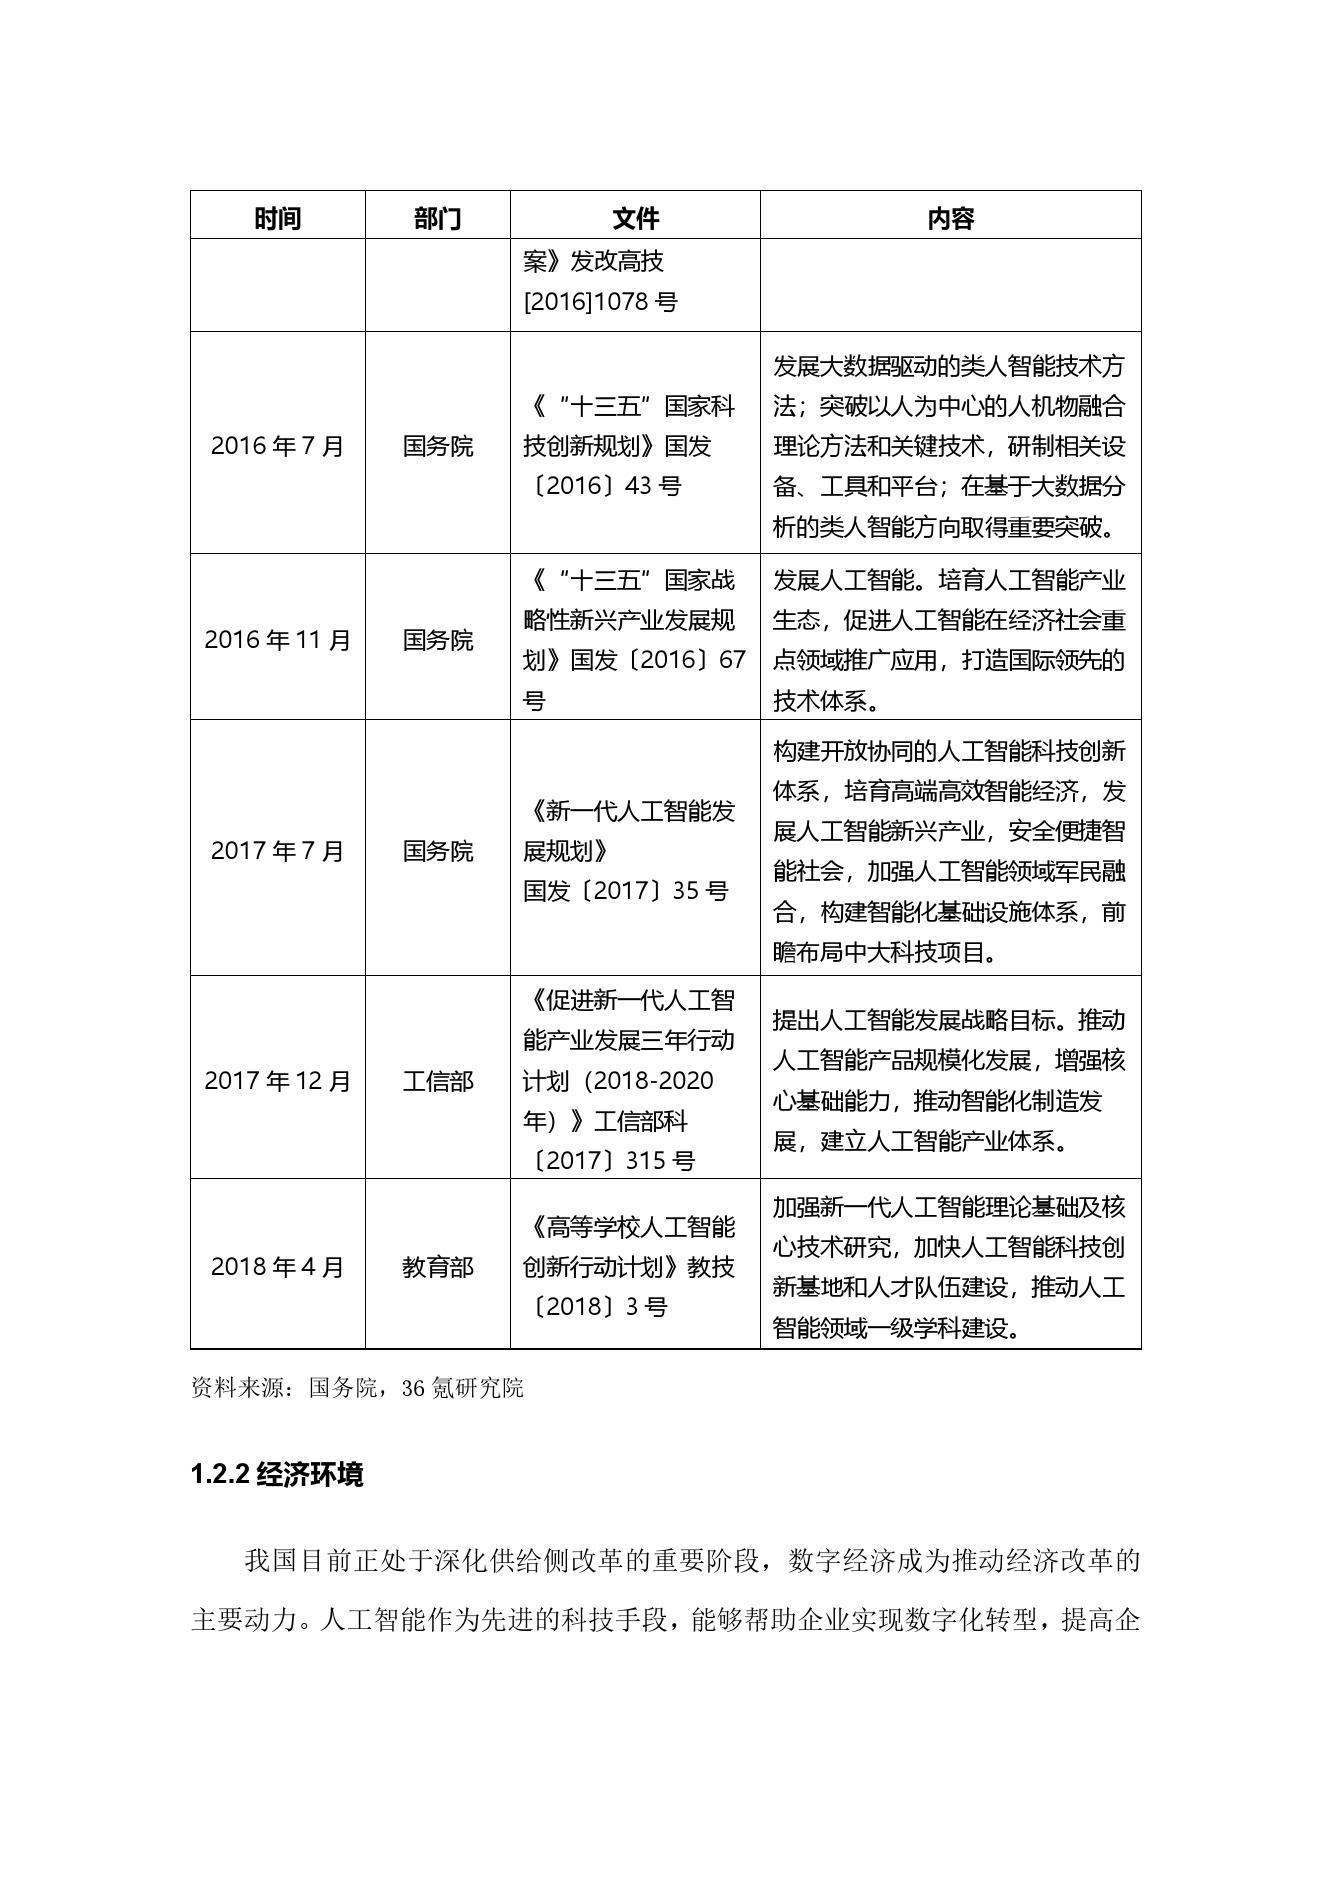 36氪研究院:2020年中国城市人工智能发展指数报告(可下载报告)插图(13)